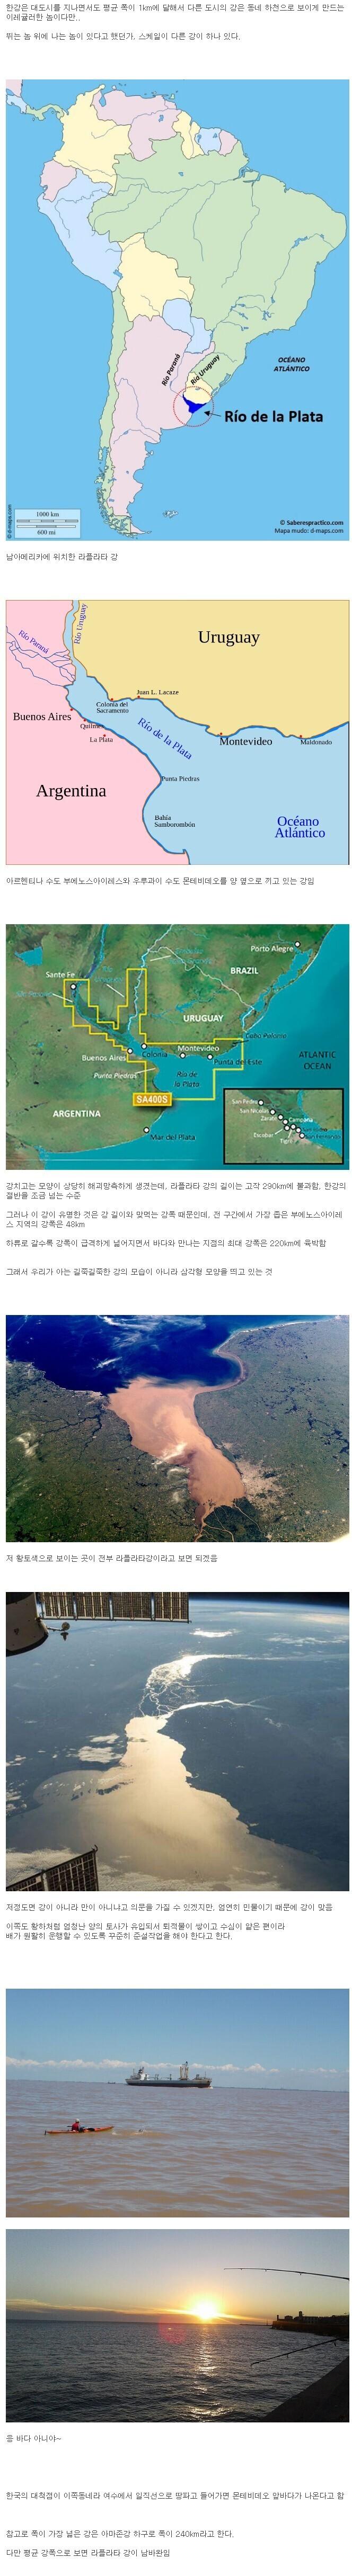 강 폭이 한강의 50배가 넘는 강 - 꾸르